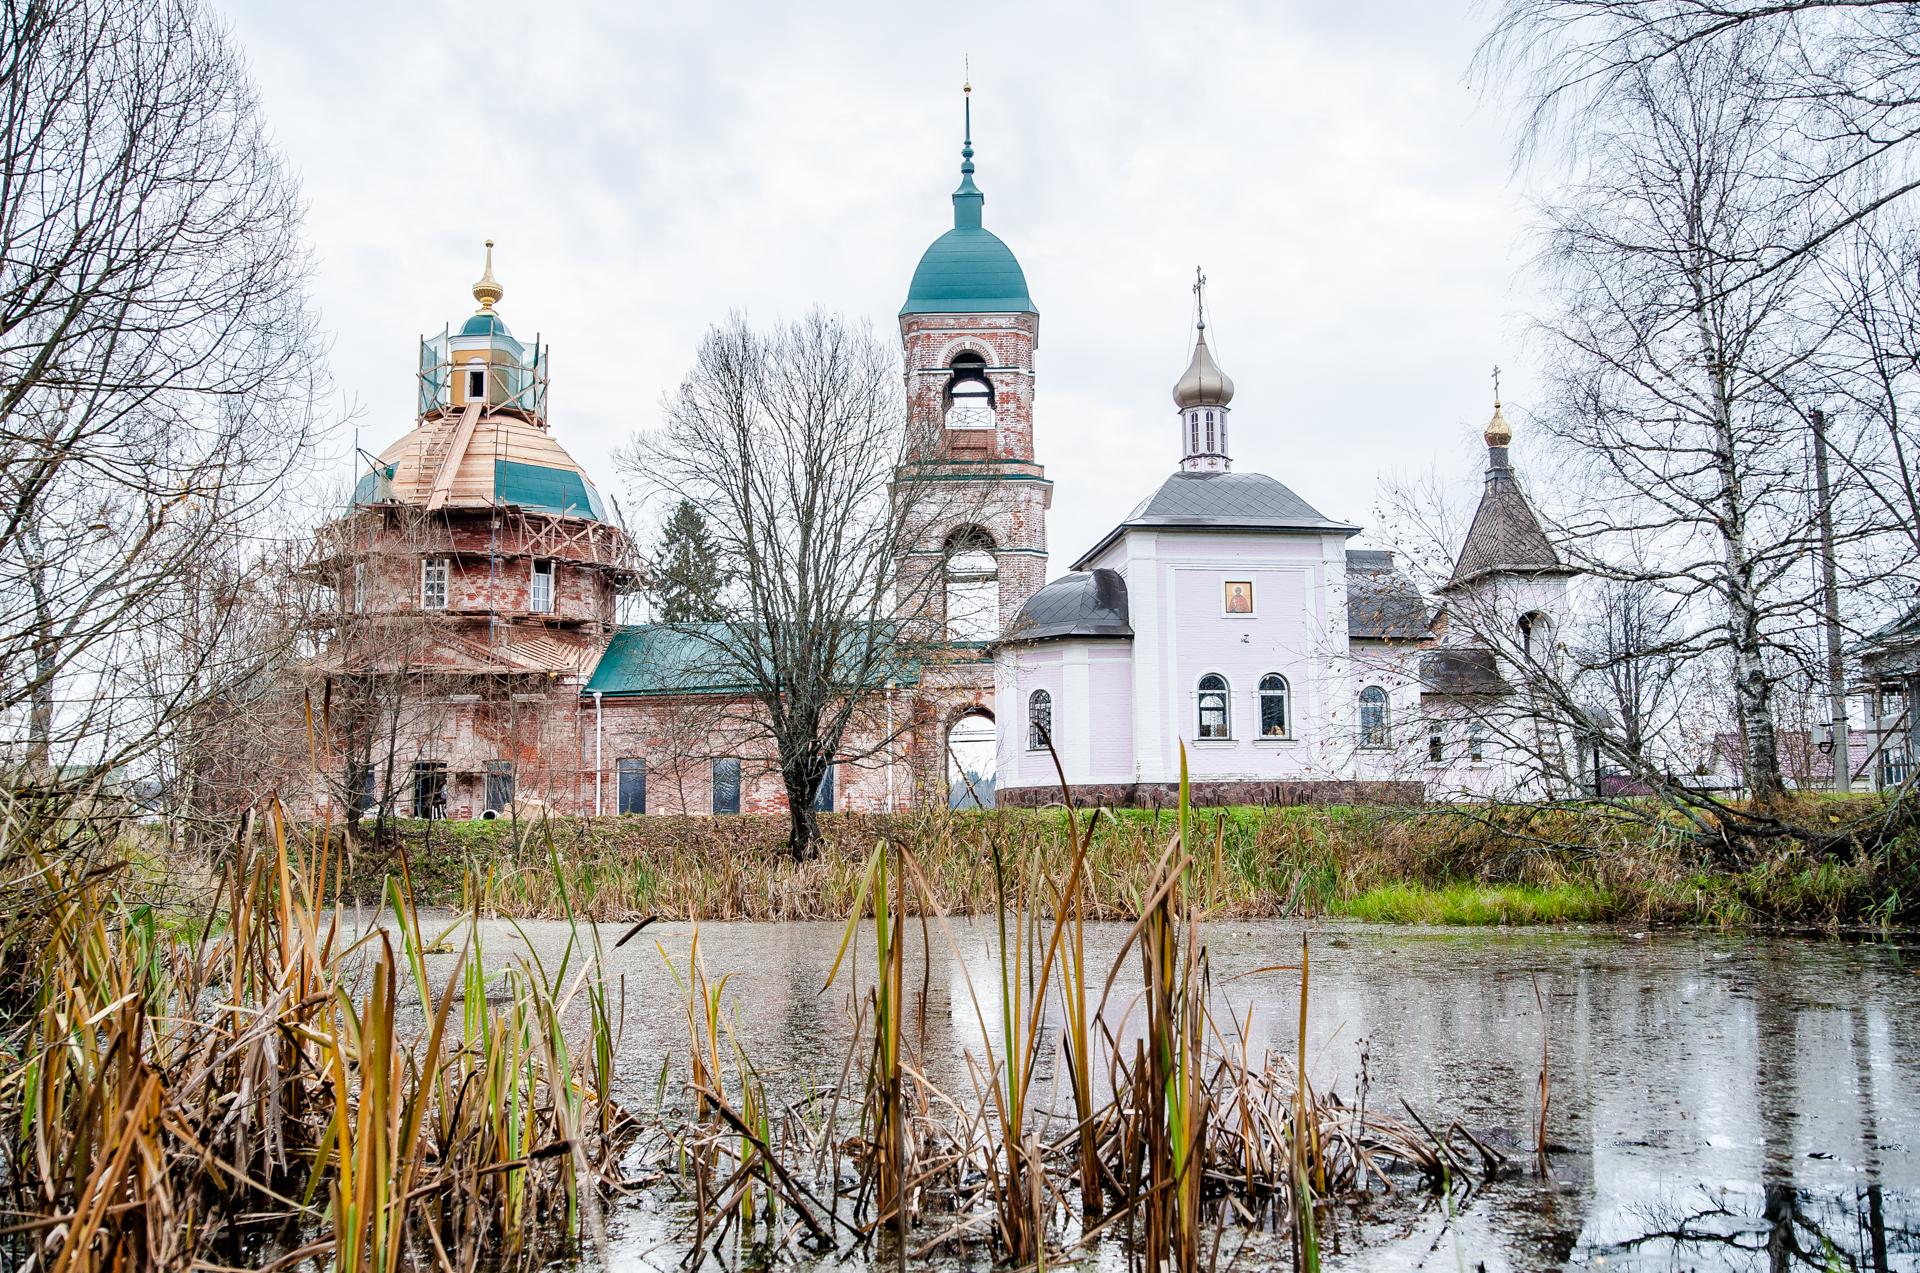 село Якоть. Храм-часовня Новомучеников и исповедников Церкви Русской